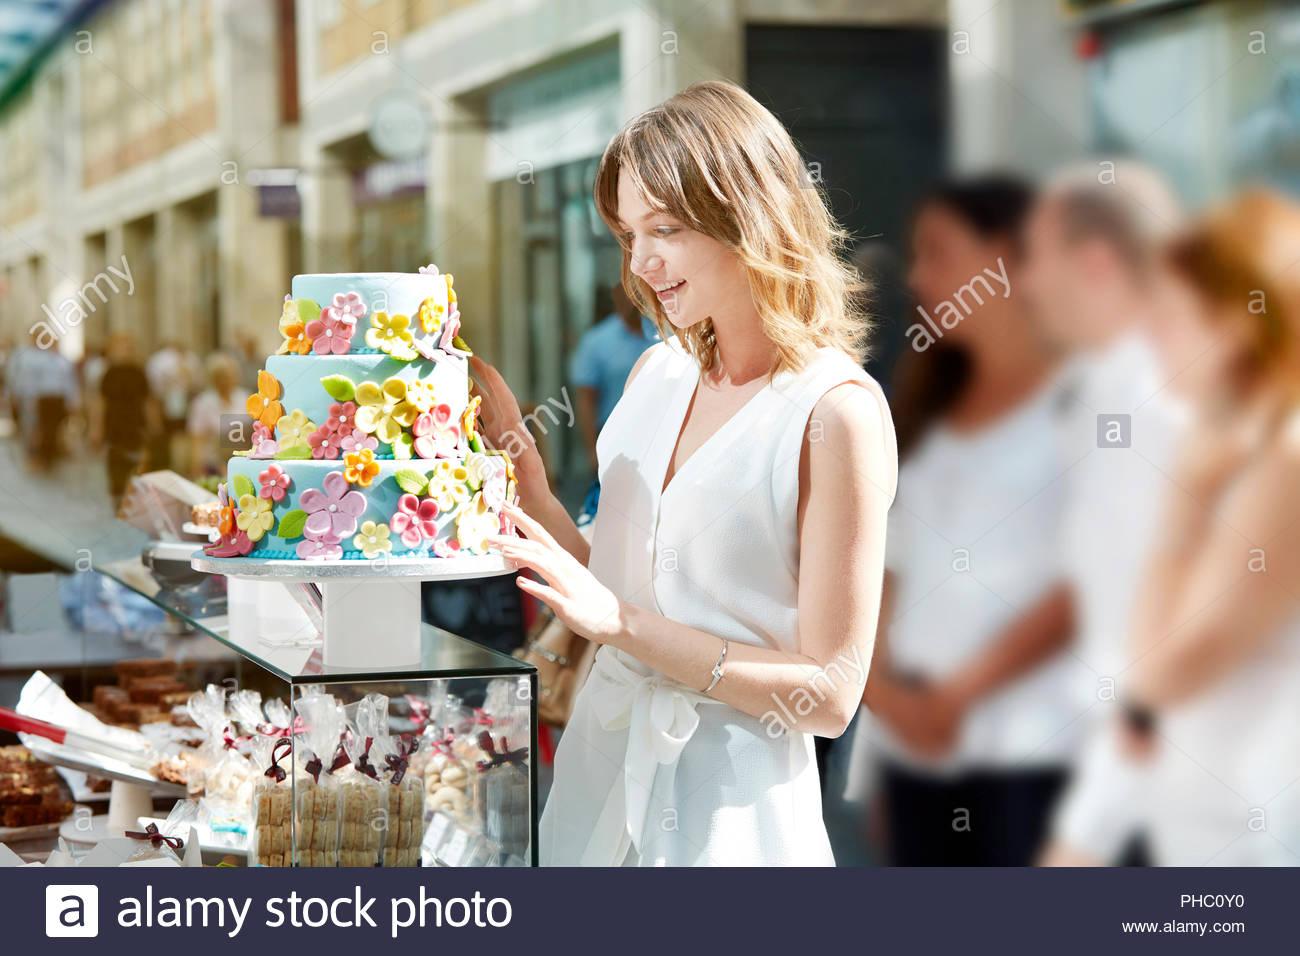 Jeune femme à la recherche de gâteau décoré. Photo Stock